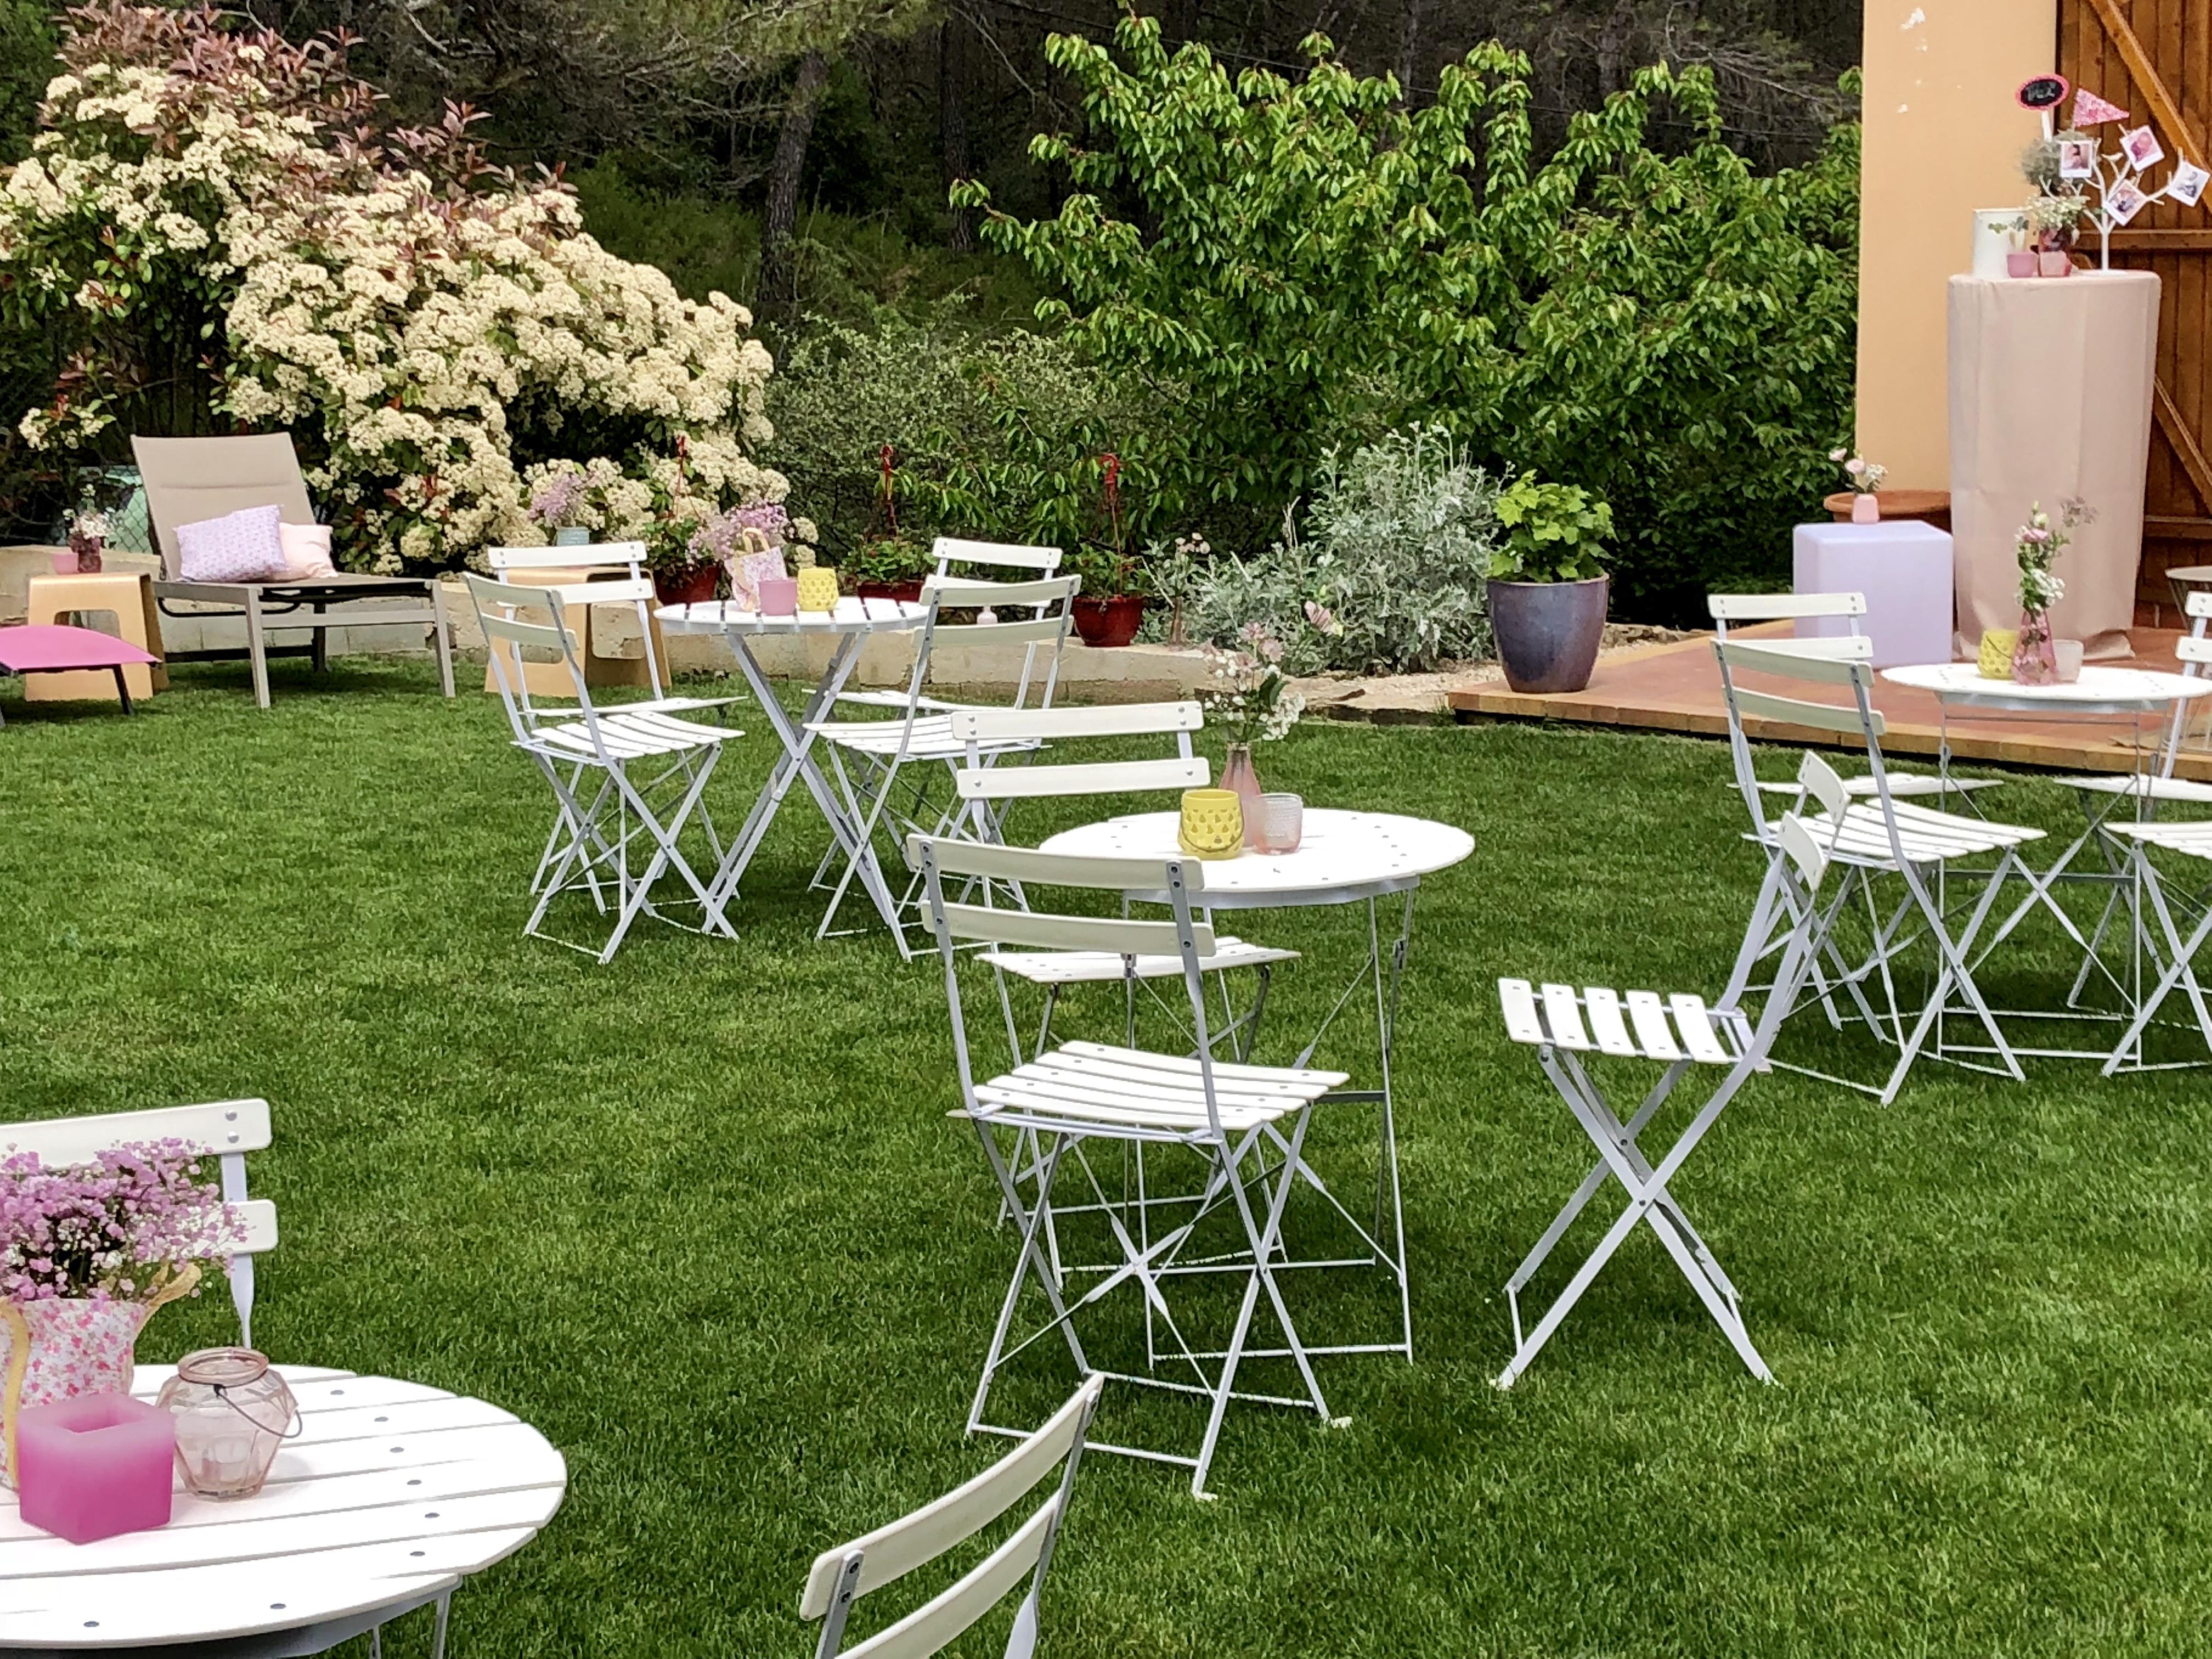 location de gu ridons et chaises bapt me anniversaire mariage. Black Bedroom Furniture Sets. Home Design Ideas